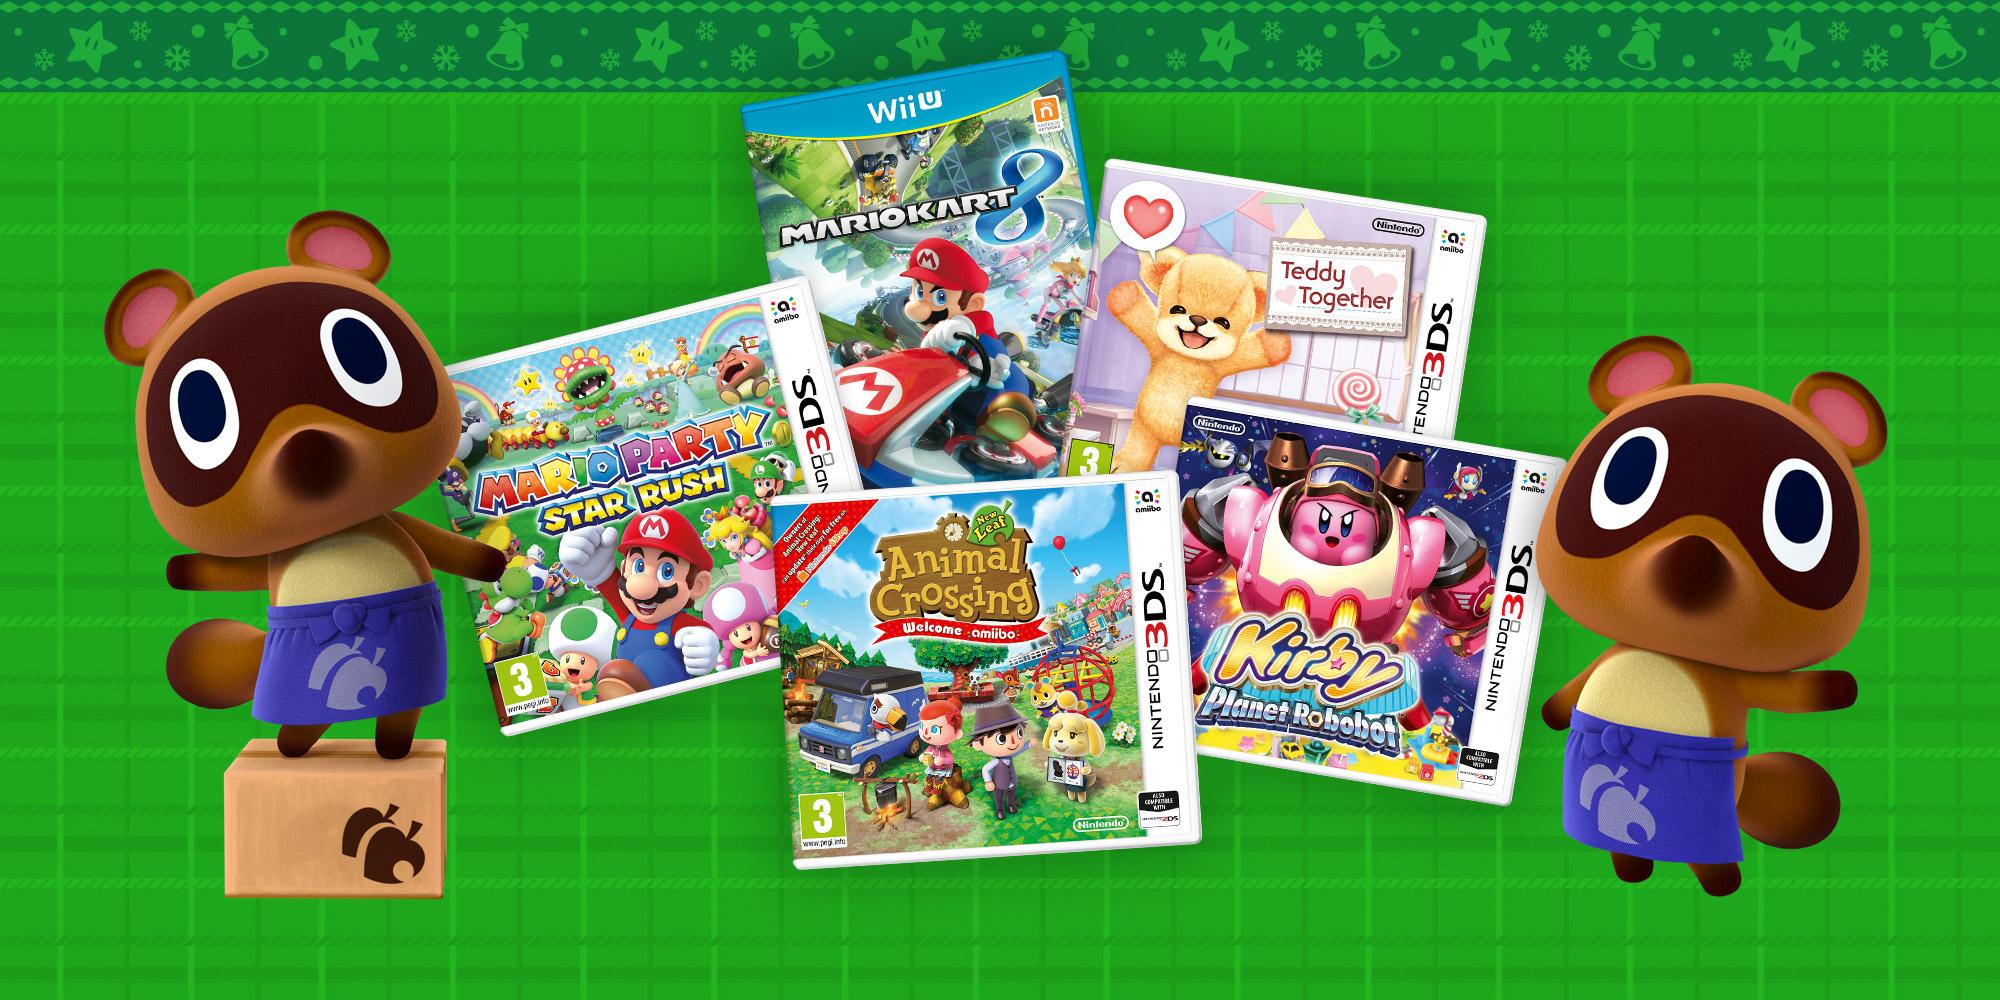 Regali Di Natale Per Tutti.Guida Ai Regali Di Natale Tanti Giochi Per Tutti Notizie Nintendo